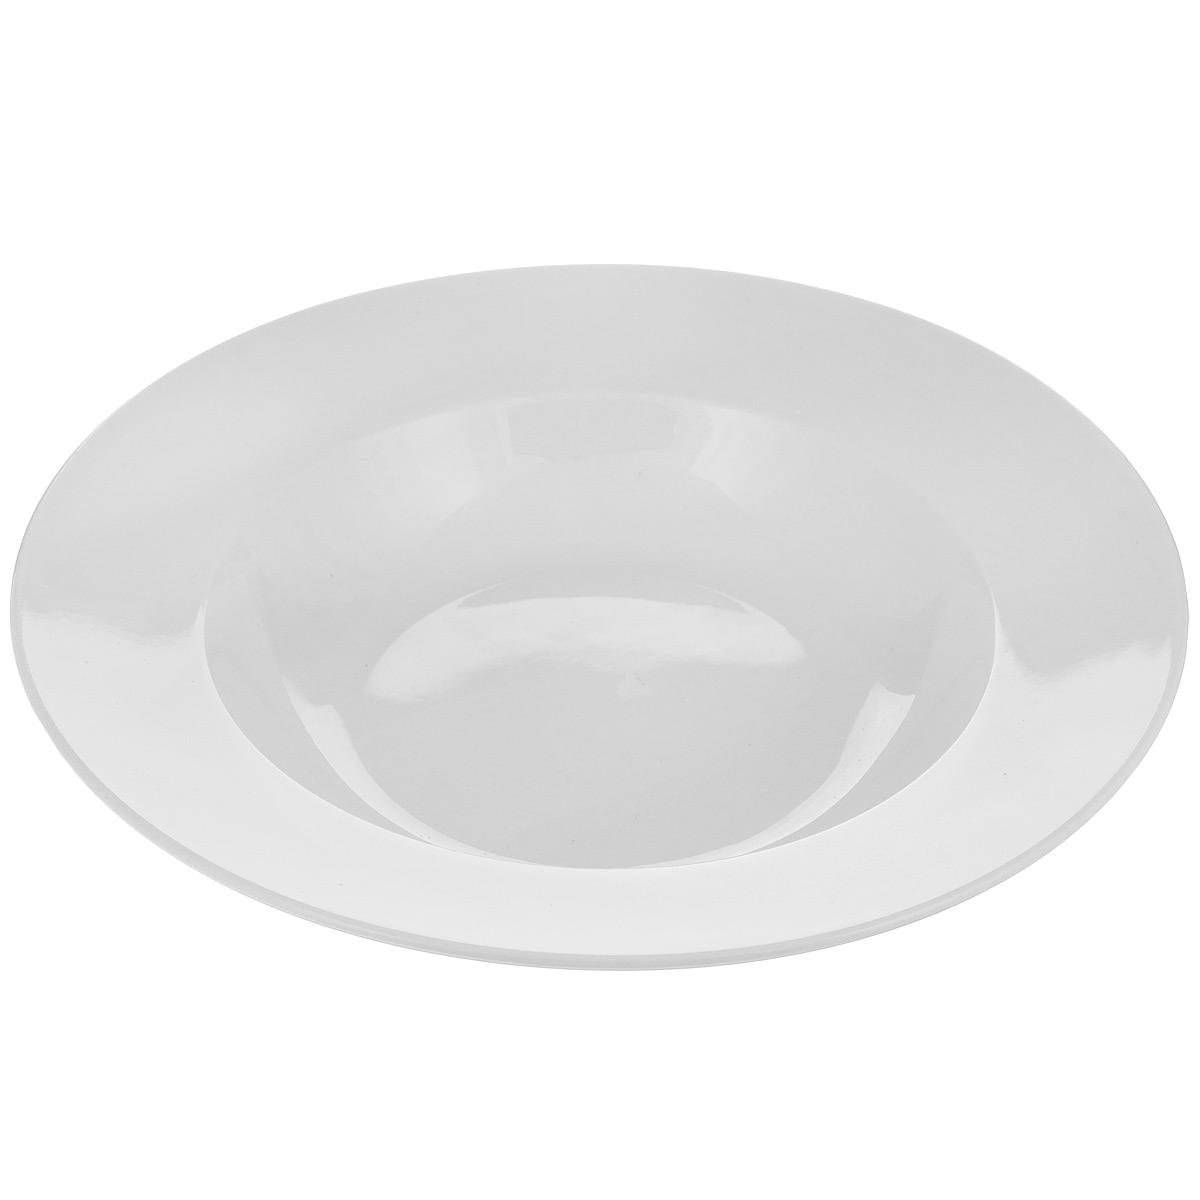 """Тарелка Tescoma """"Opus"""" выполнена из высококачественного фарфора однотонного цвета и прекрасно подойдет для вашей кухни. Такая тарелка изысканно украсит сервировку как обеденного, так и праздничного стола. Предназначена для подачи супов и других жидких блюд.  Пригодна для использования в микроволновой печи. Можно мыть в посудомоечной машине. Диаметр: 23,5 см. Высота тарелки: 4 см."""